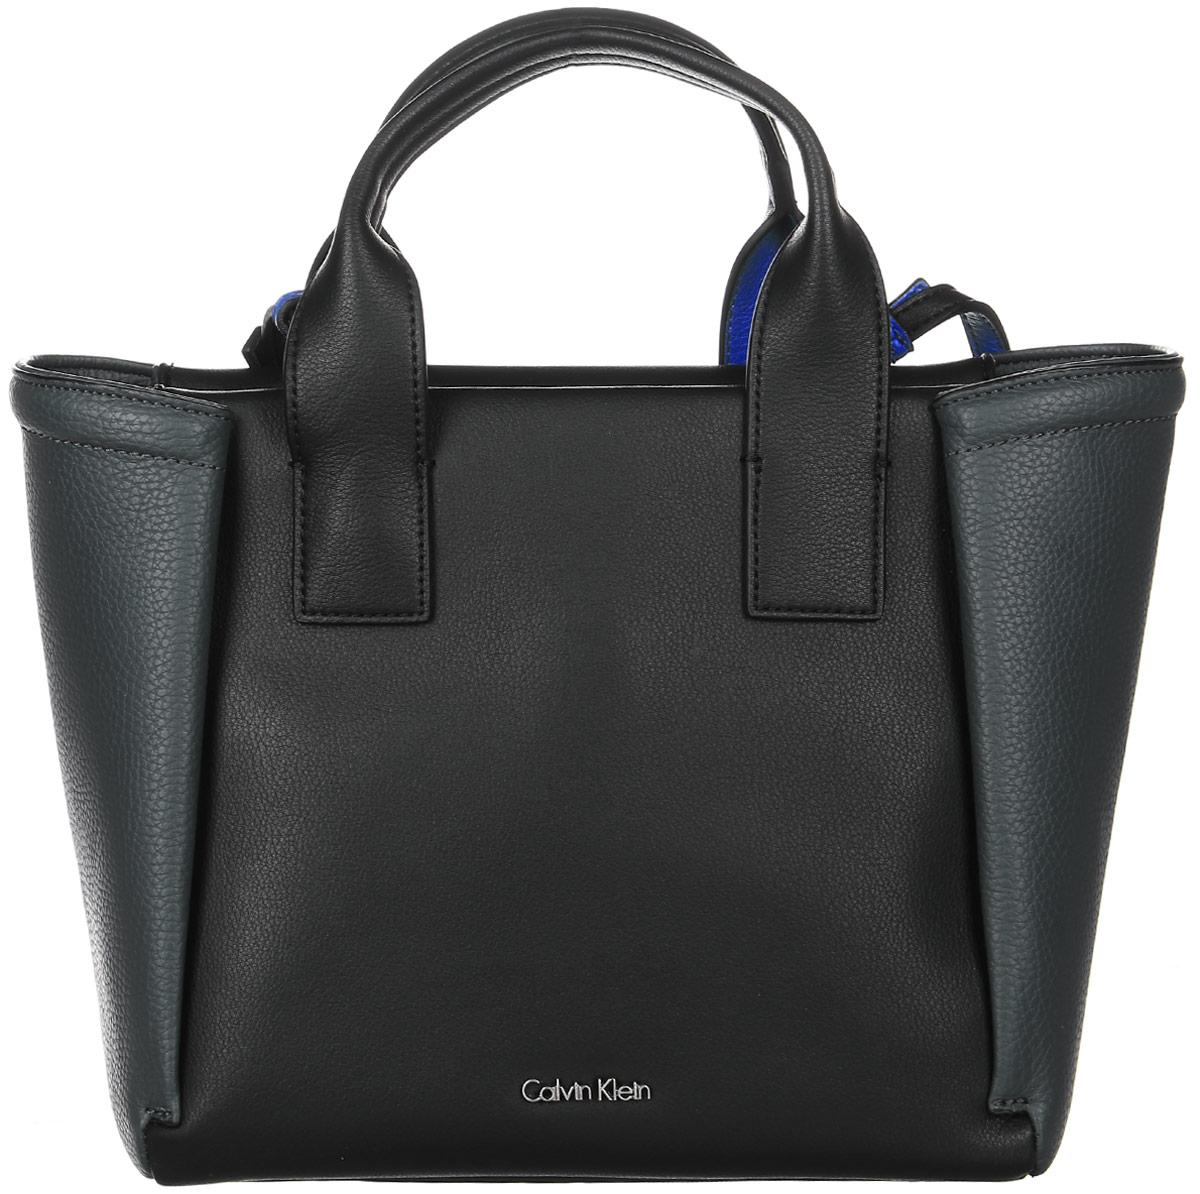 Сумка женская Calvin Klein Jeans, цвет: черный. K60K602482_0010K60K602482Стильная женская сумка Calvin Klein Jeans выполнена из полиуретана. Сумка имеет одно основное отделение, закрывающееся на застежку-молнию. Внутри модель имеет прорезной карман на застежке-молнии и два накладных открытых кармана. Изделие оснащено двумя удобными ручками и съемным плечевым ремнем.